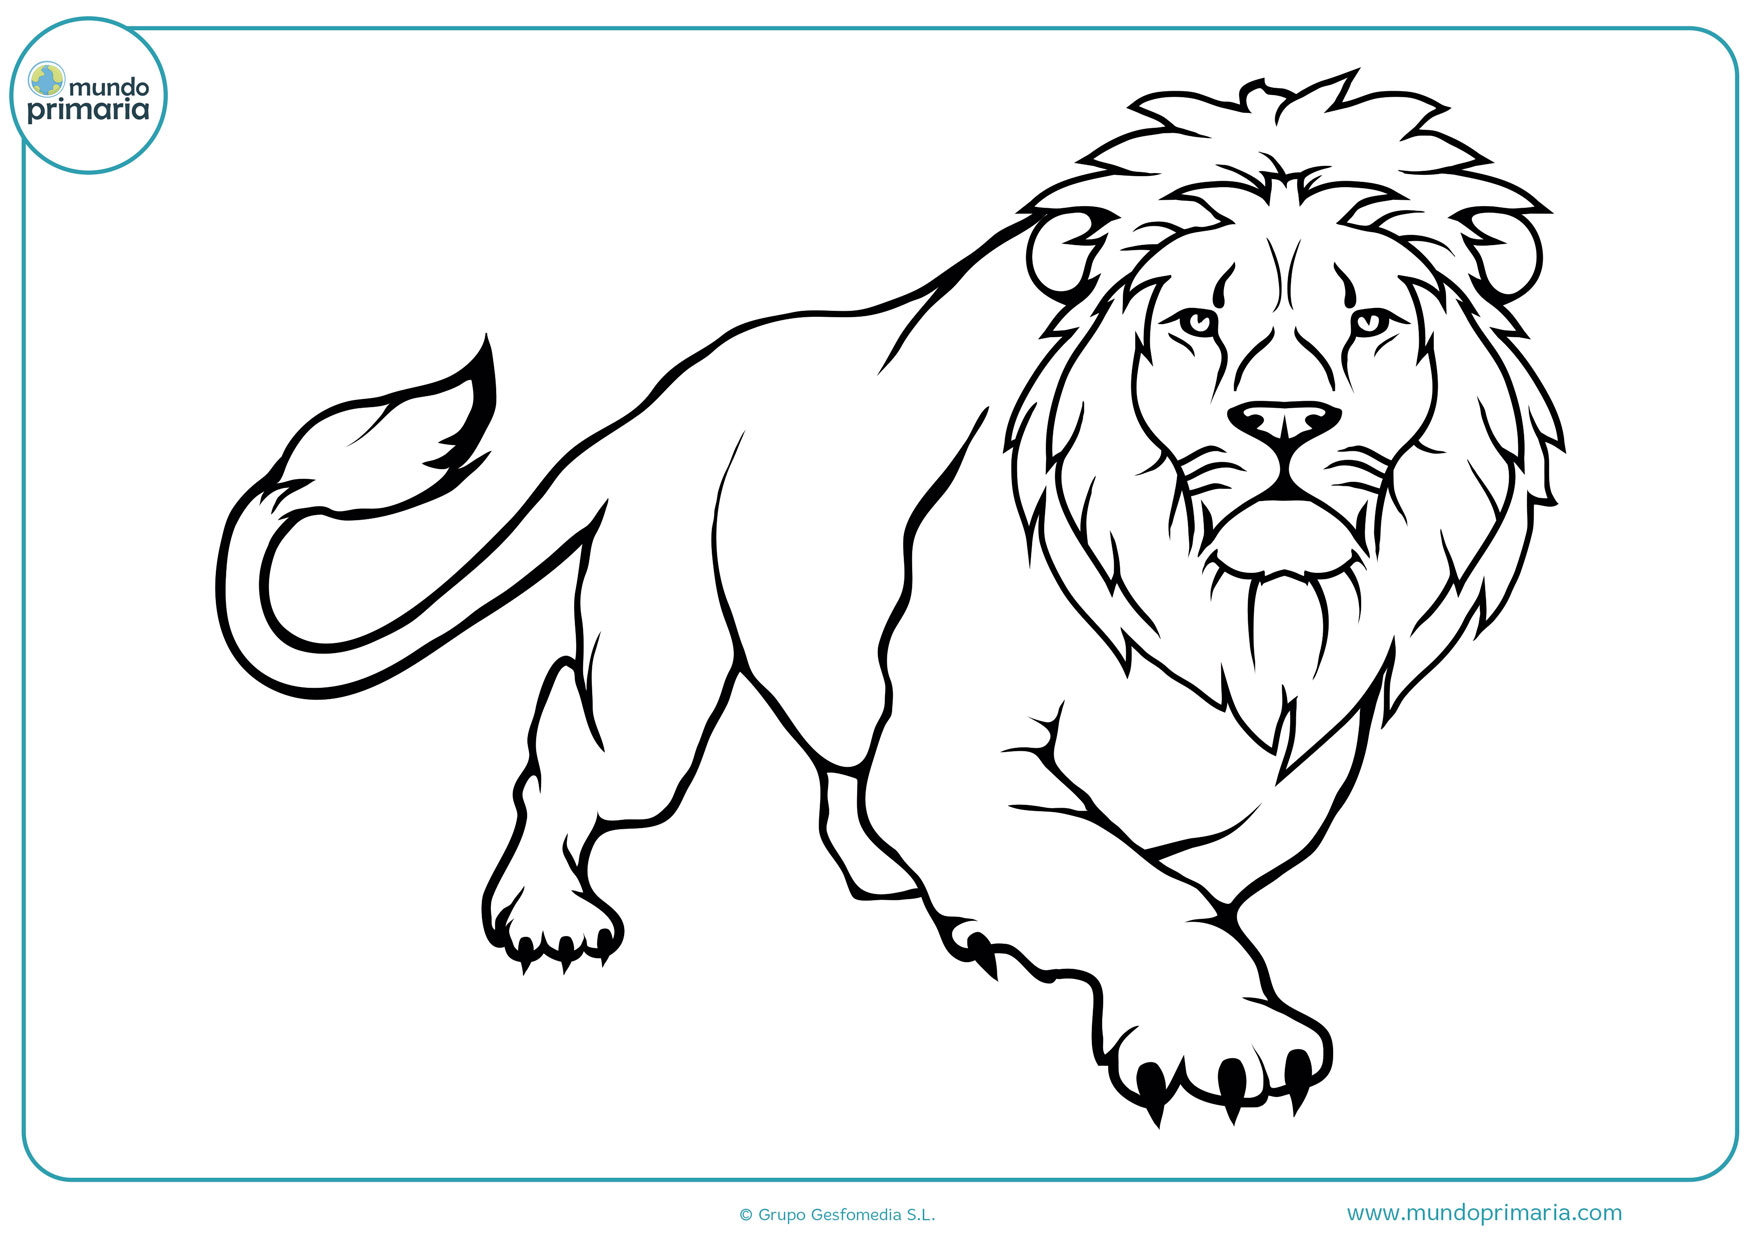 dibujos para colorear difíciles de leones